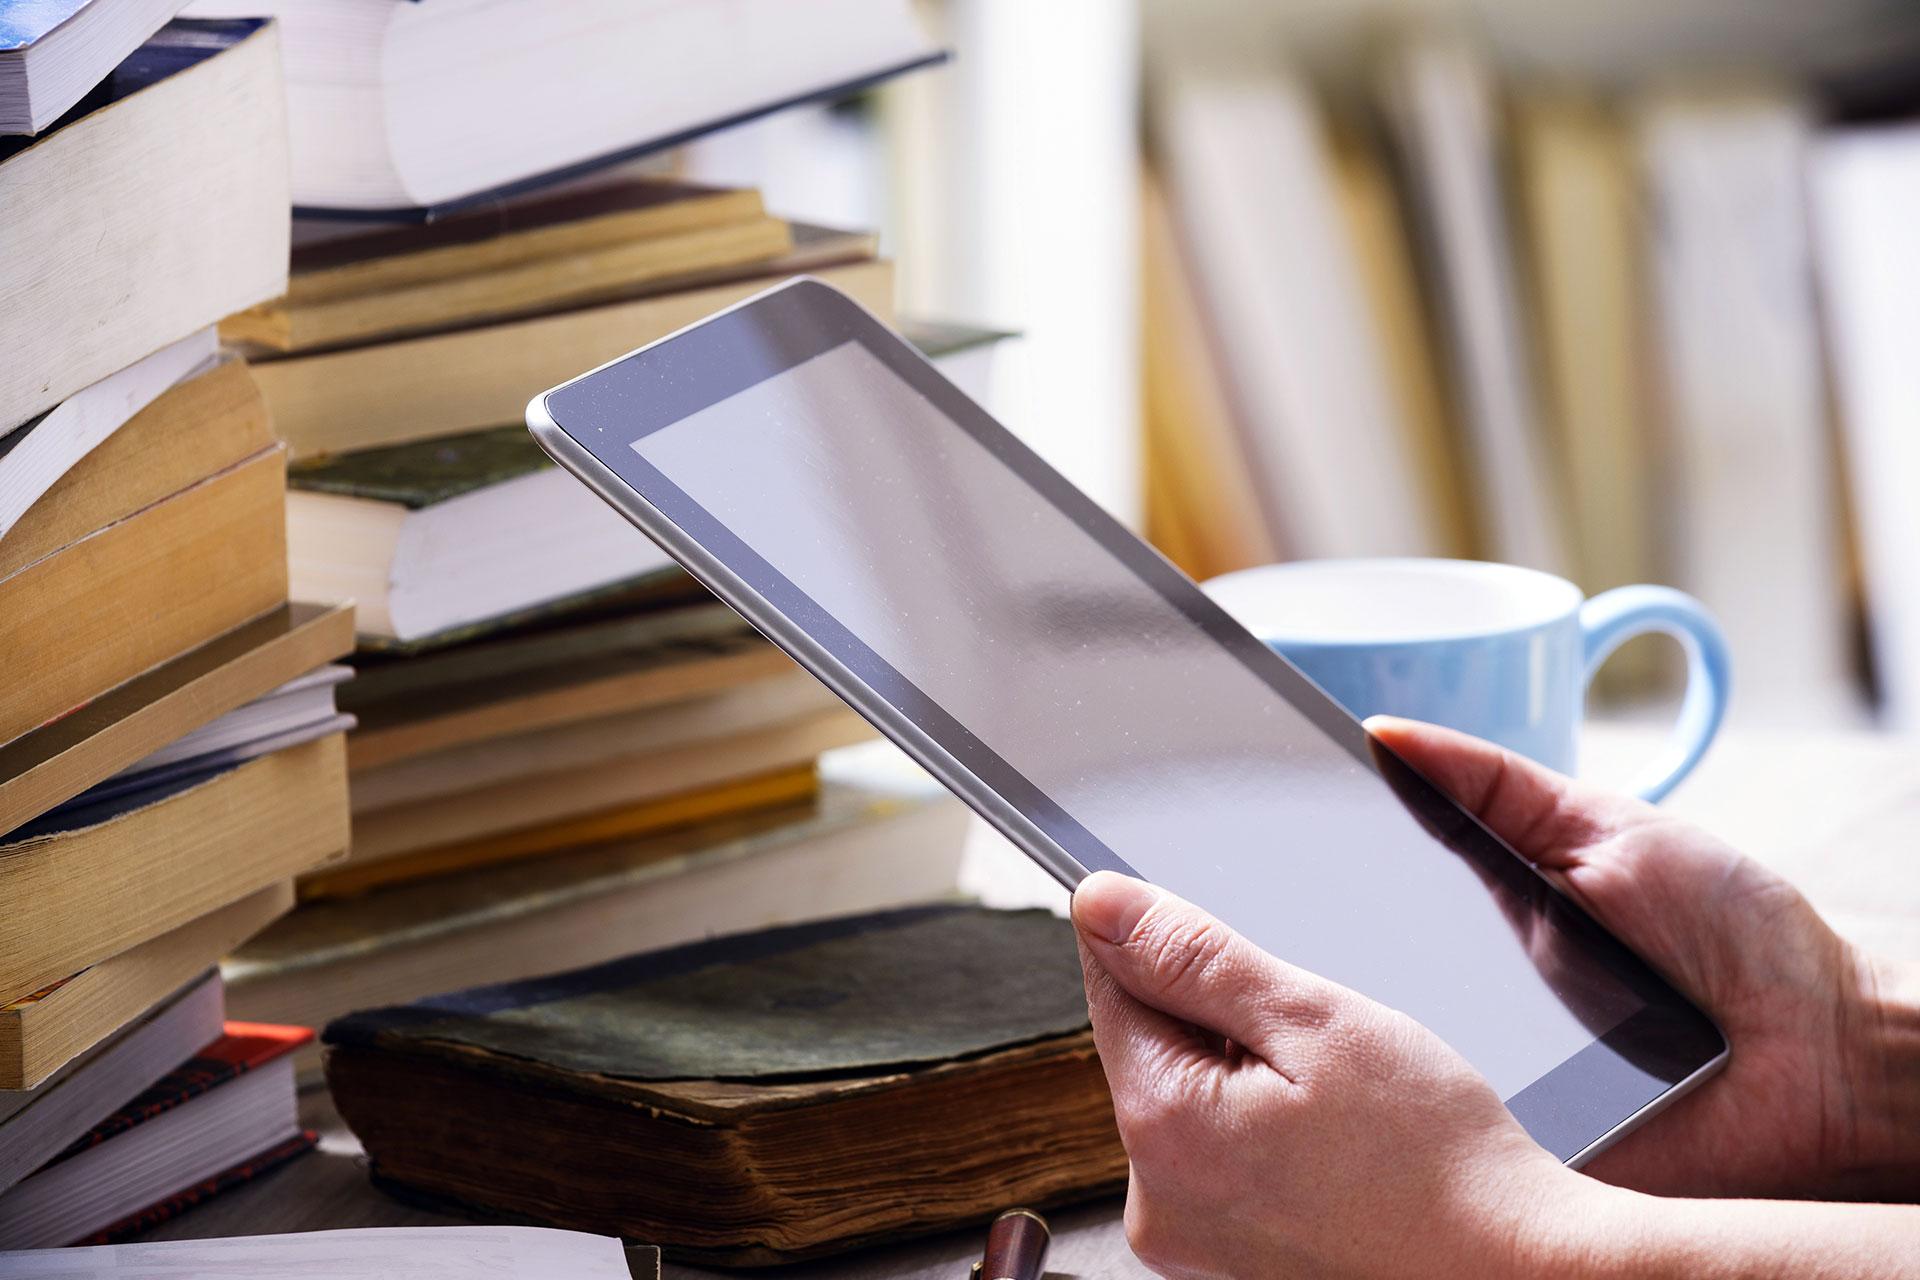 człowiek patrzący na tablet, przed nim stos książek